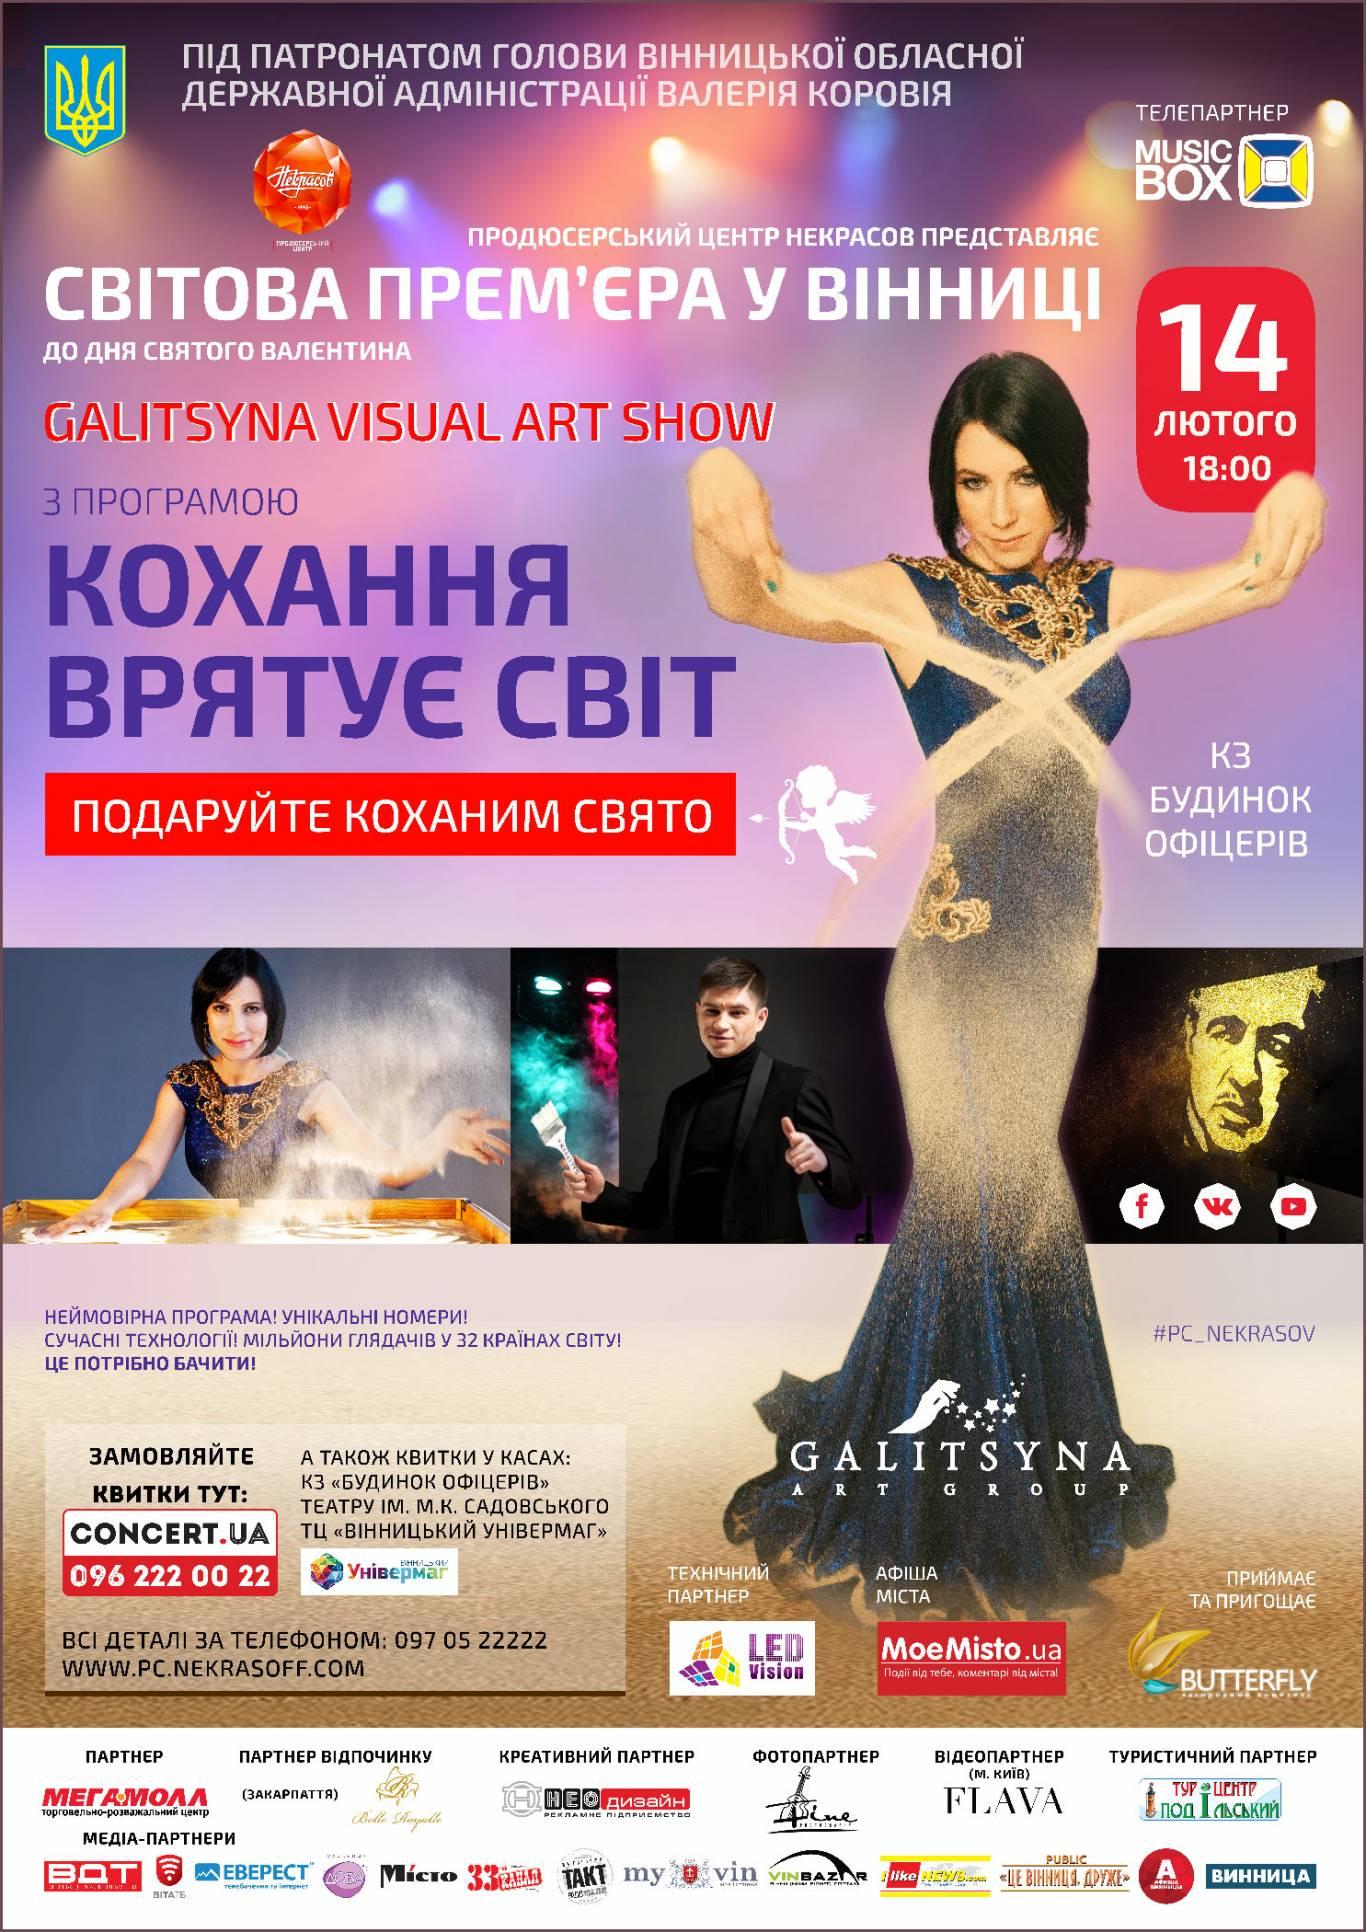 Прес-конференція з нагоди світової прем'єри у Вінниці «Galitsyna Visual Art Show»